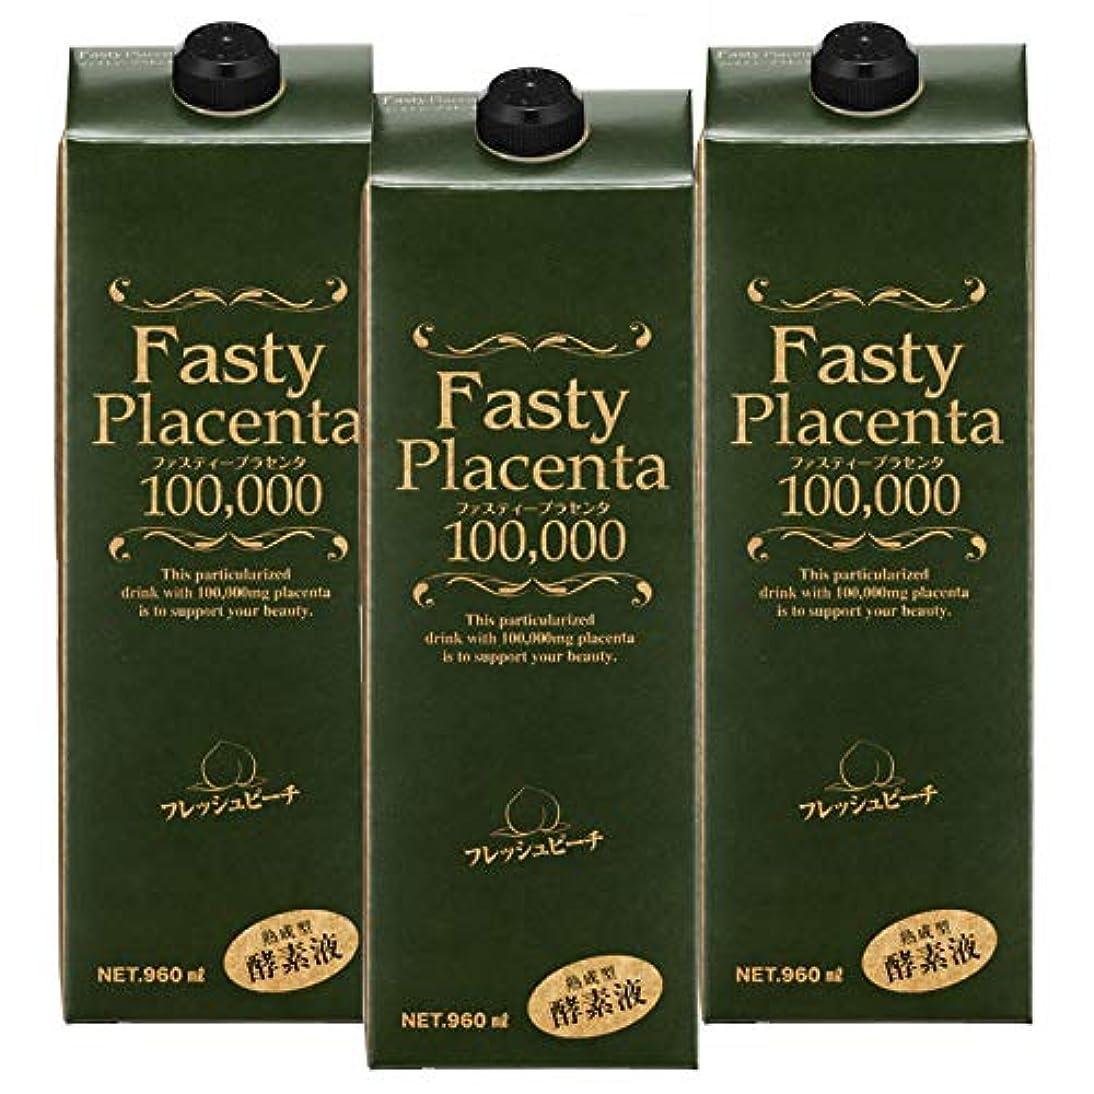 請求書なんとなくあいさつファスティープラセンタ100,000 増量パック(フレッシュピーチ味) 3本